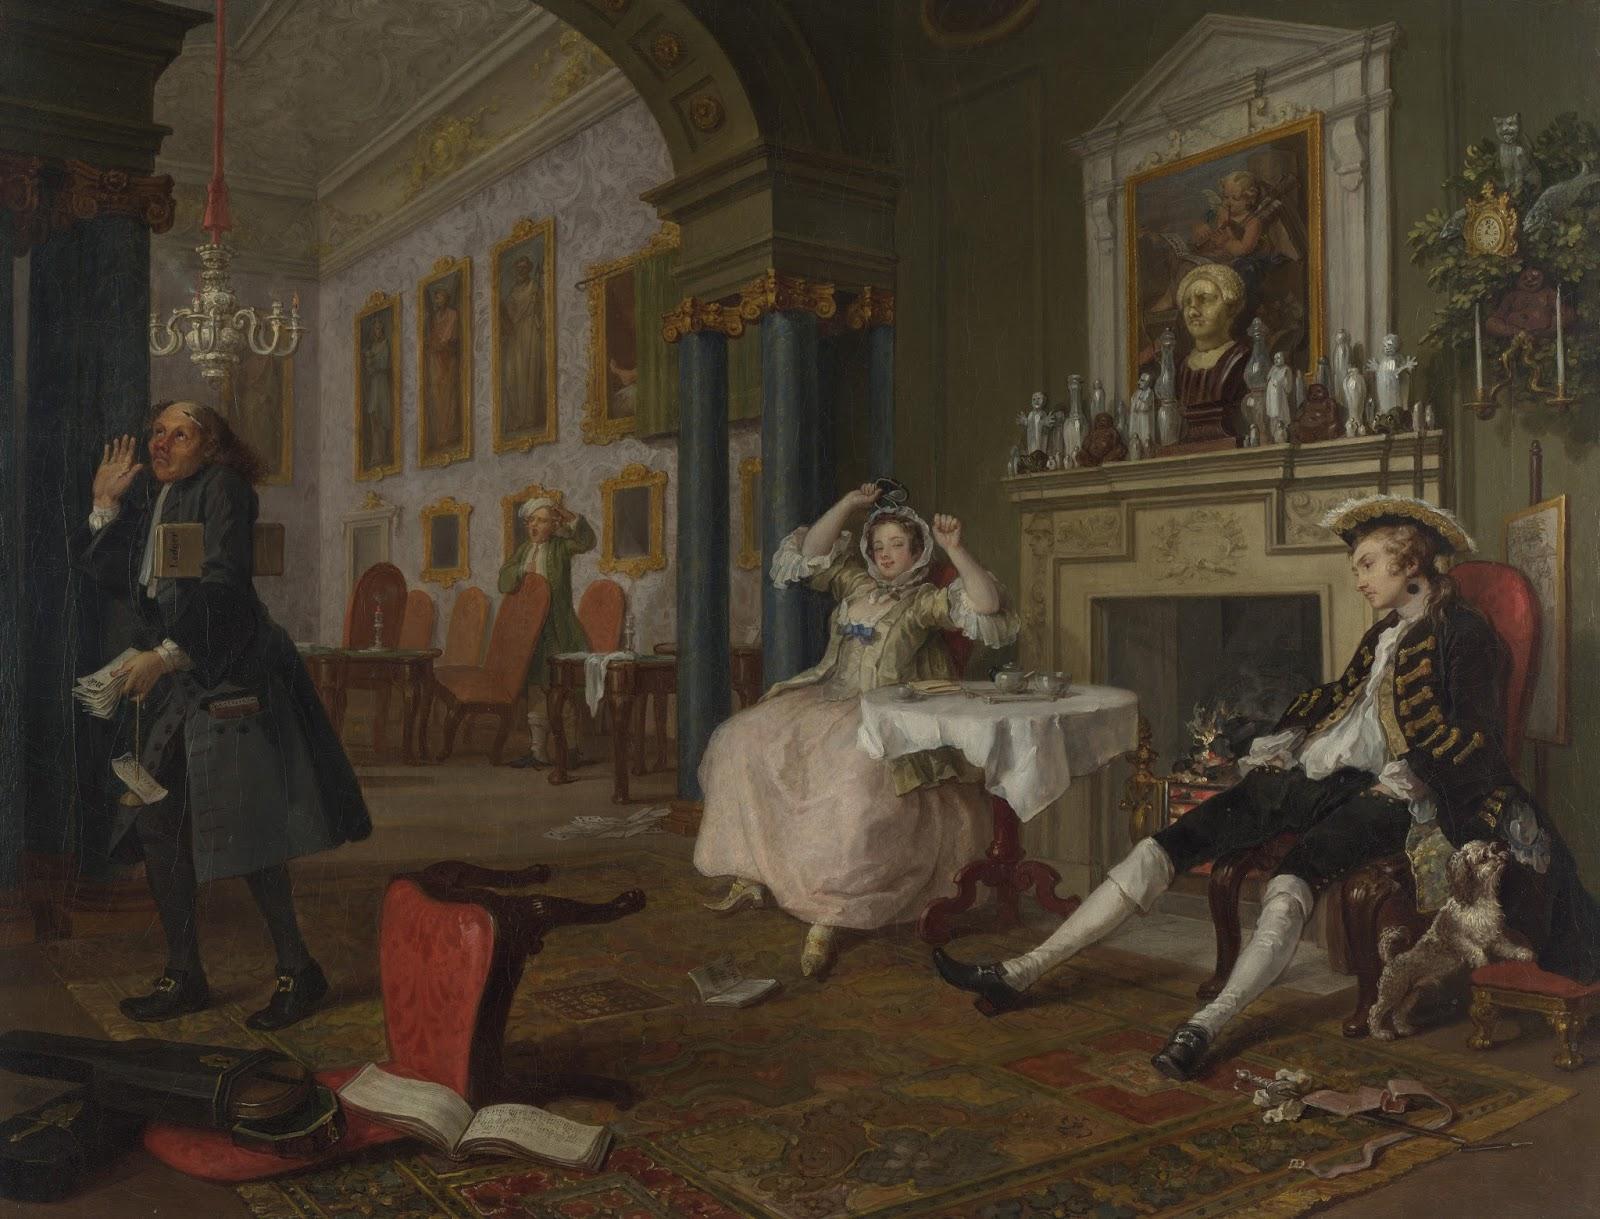 Artist of the Month: William Hogarth